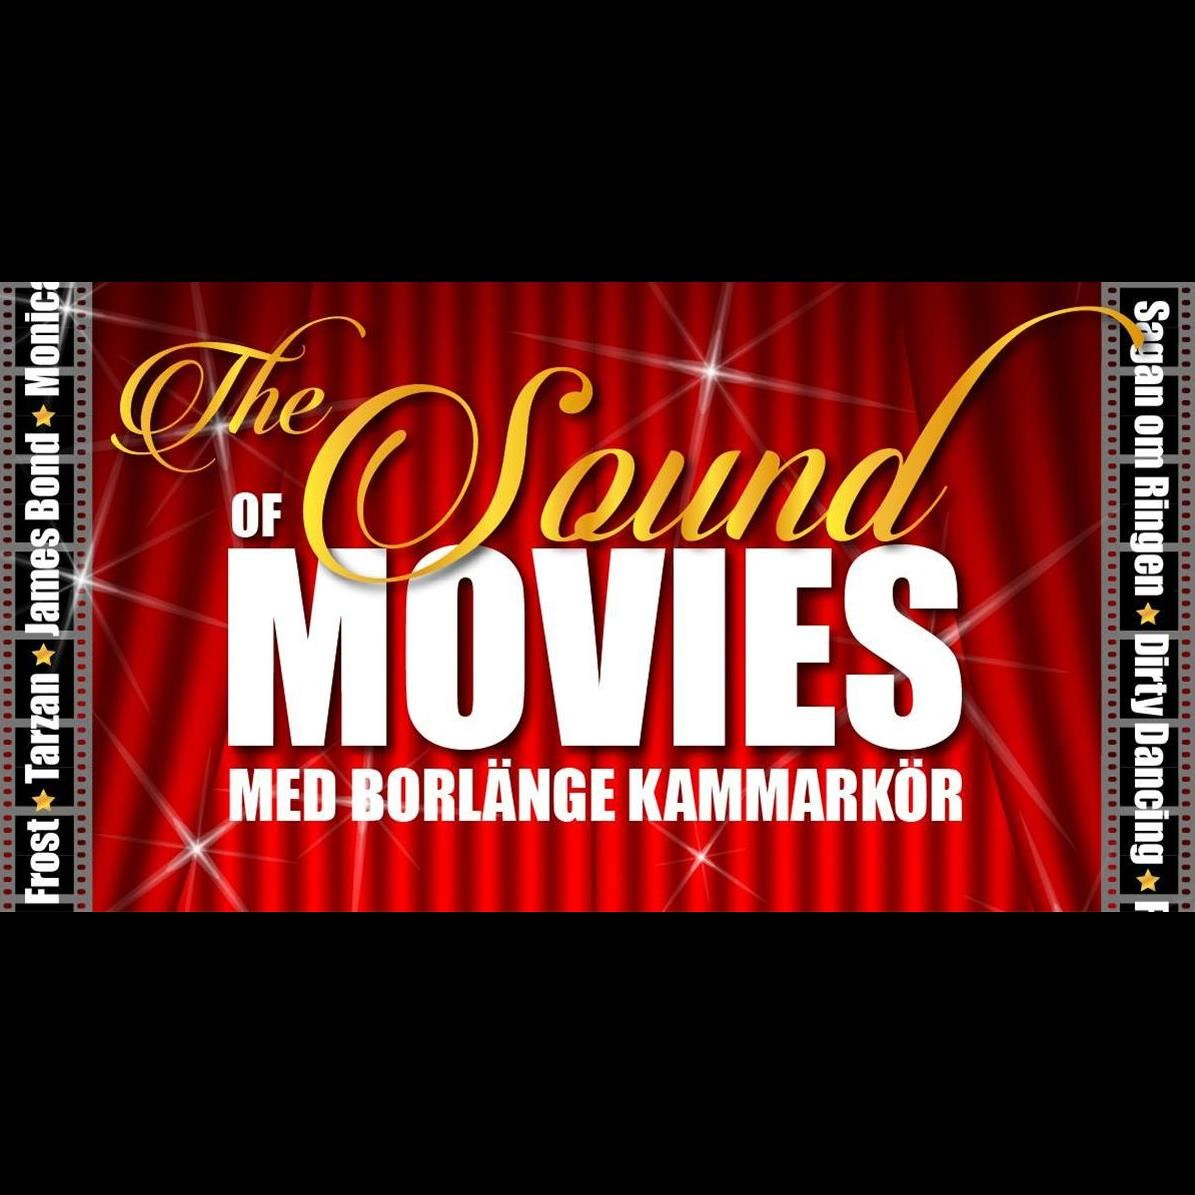 The Sound of Movies med Borlänge kammarkör